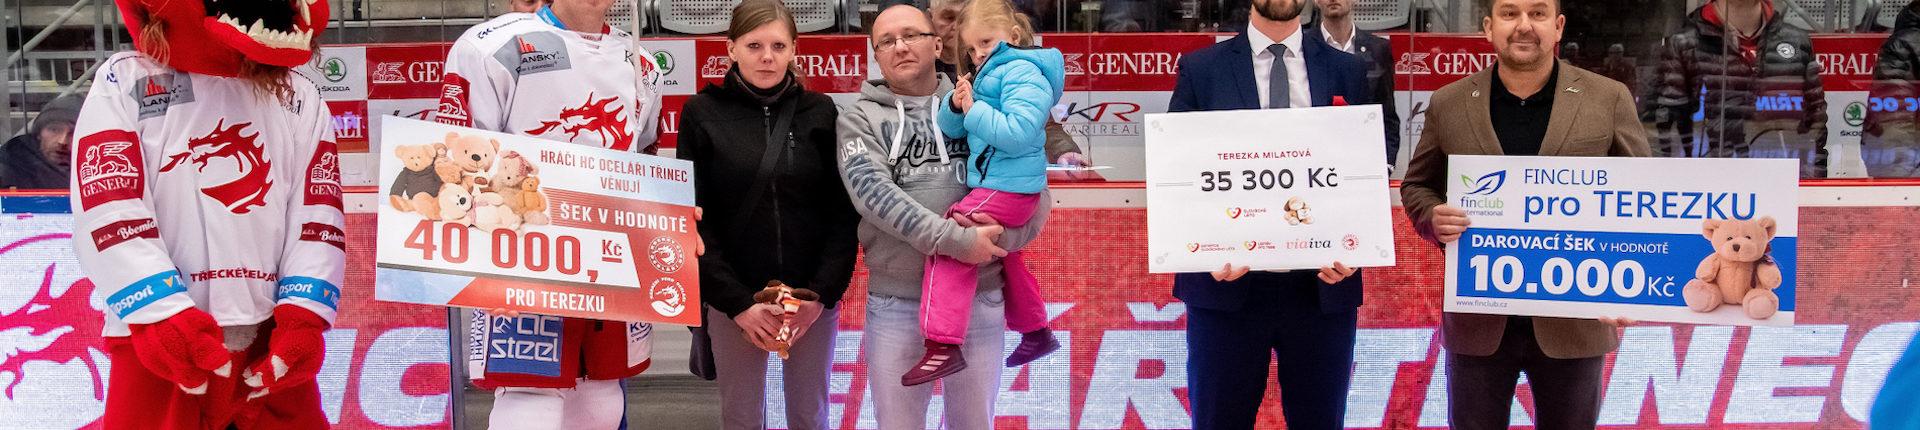 Mise Třinec ukončena – předání výtěžku rodině Milatových